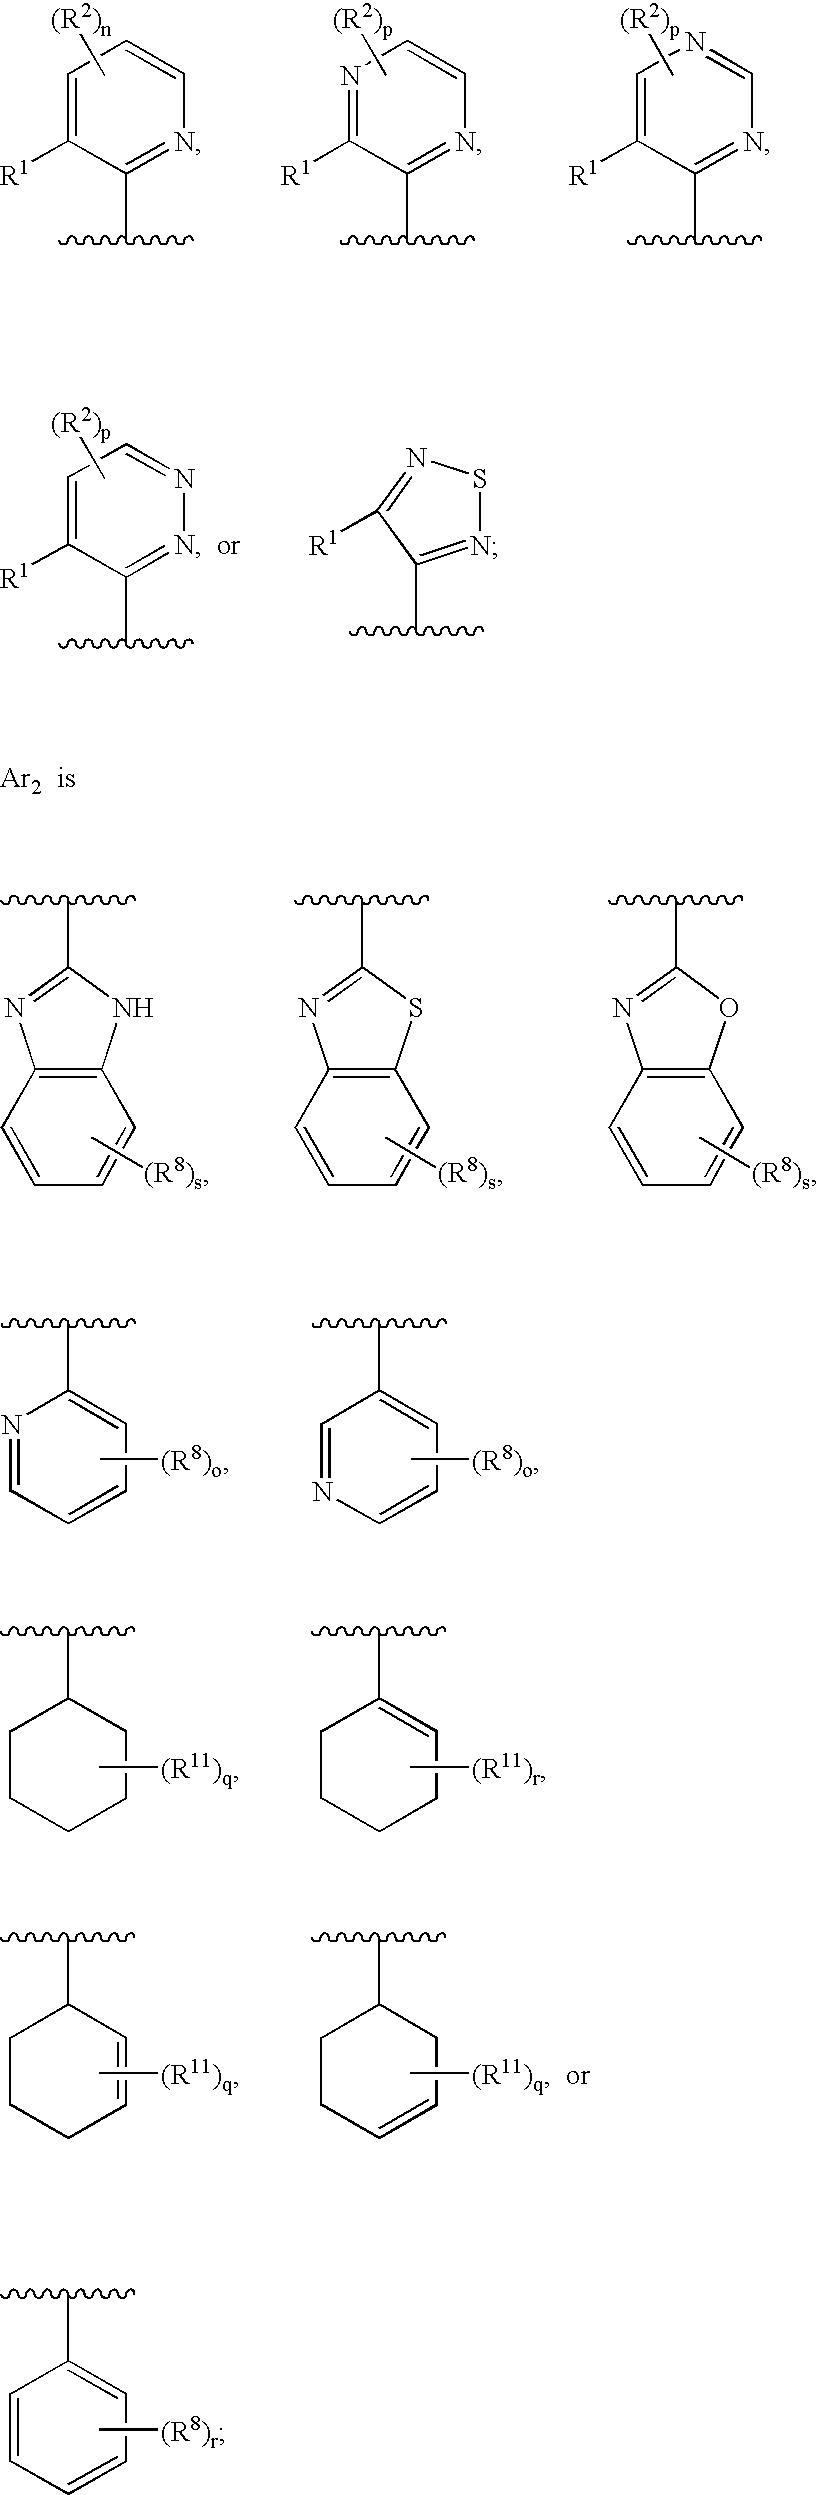 Figure US07279493-20071009-C00016